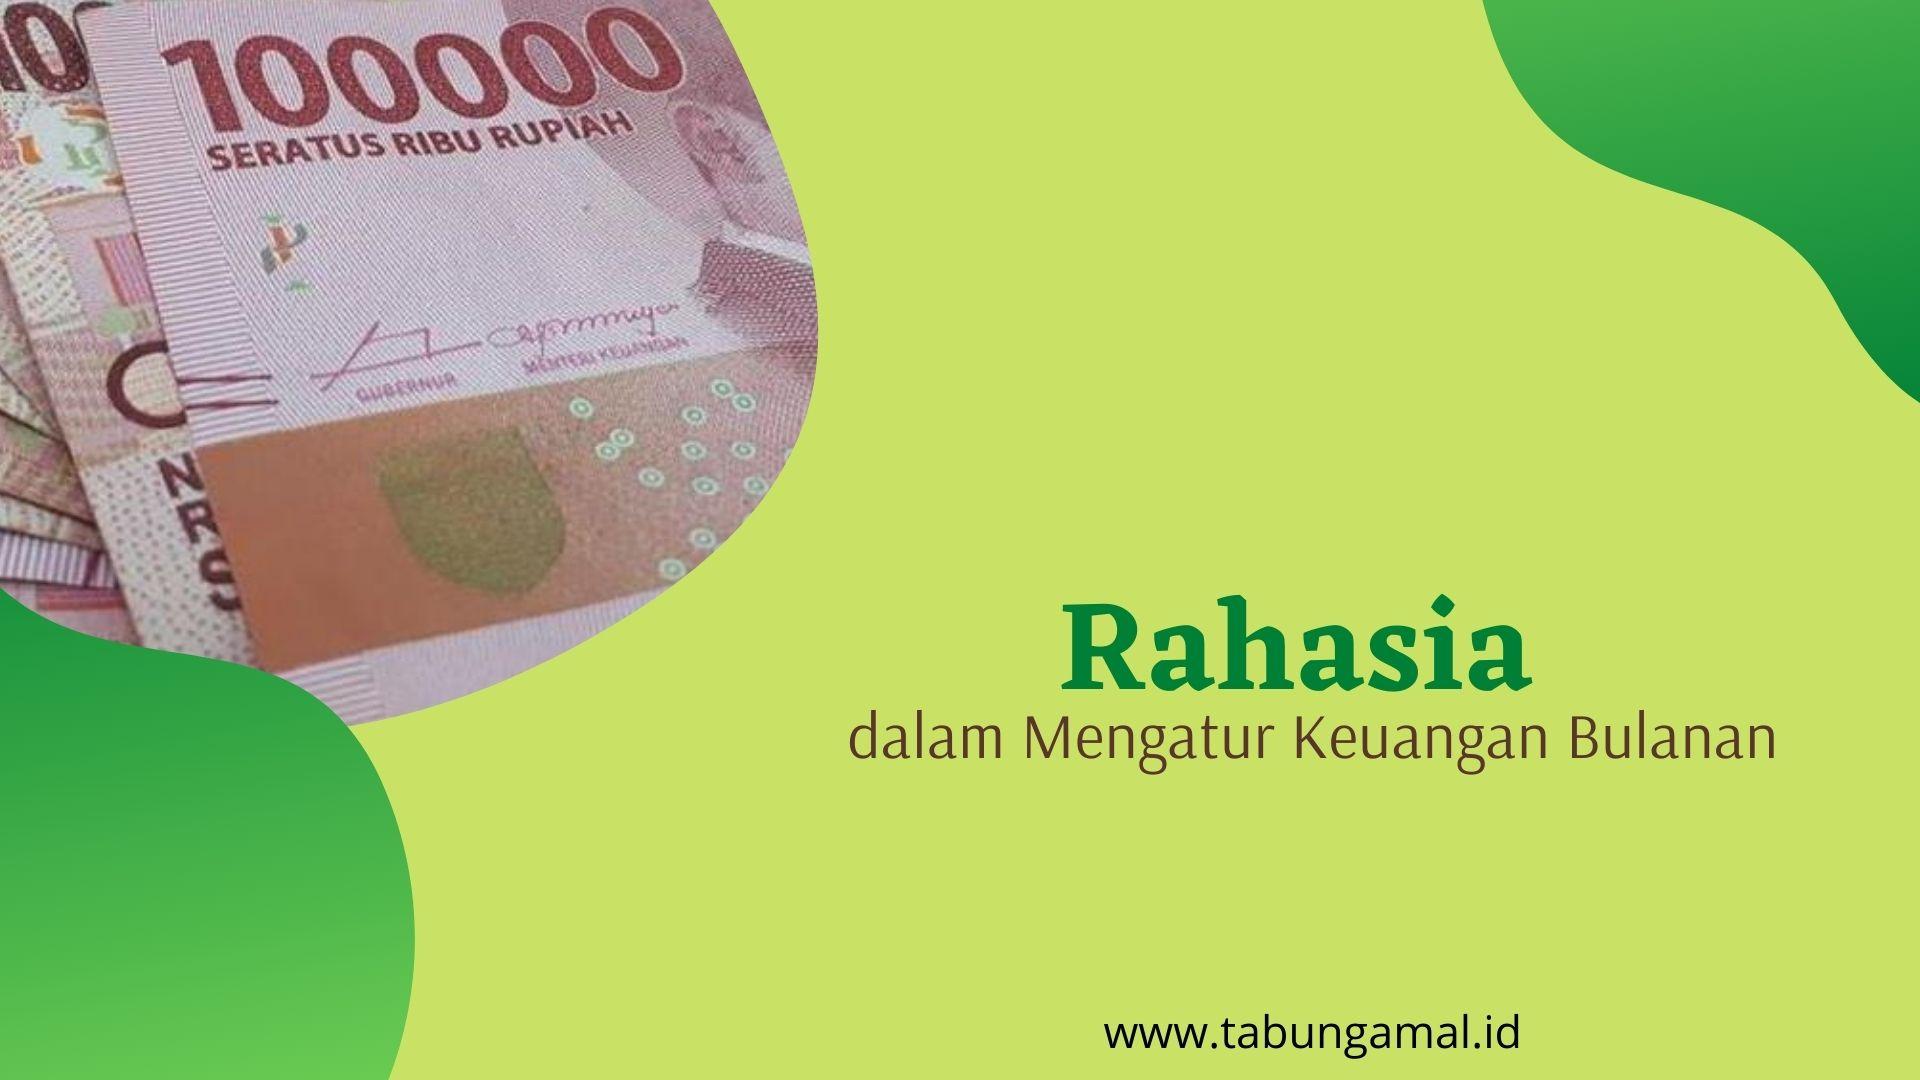 Rahasia-dalam-Mengatur-Keuangan-Bulanan1600680368.jpg